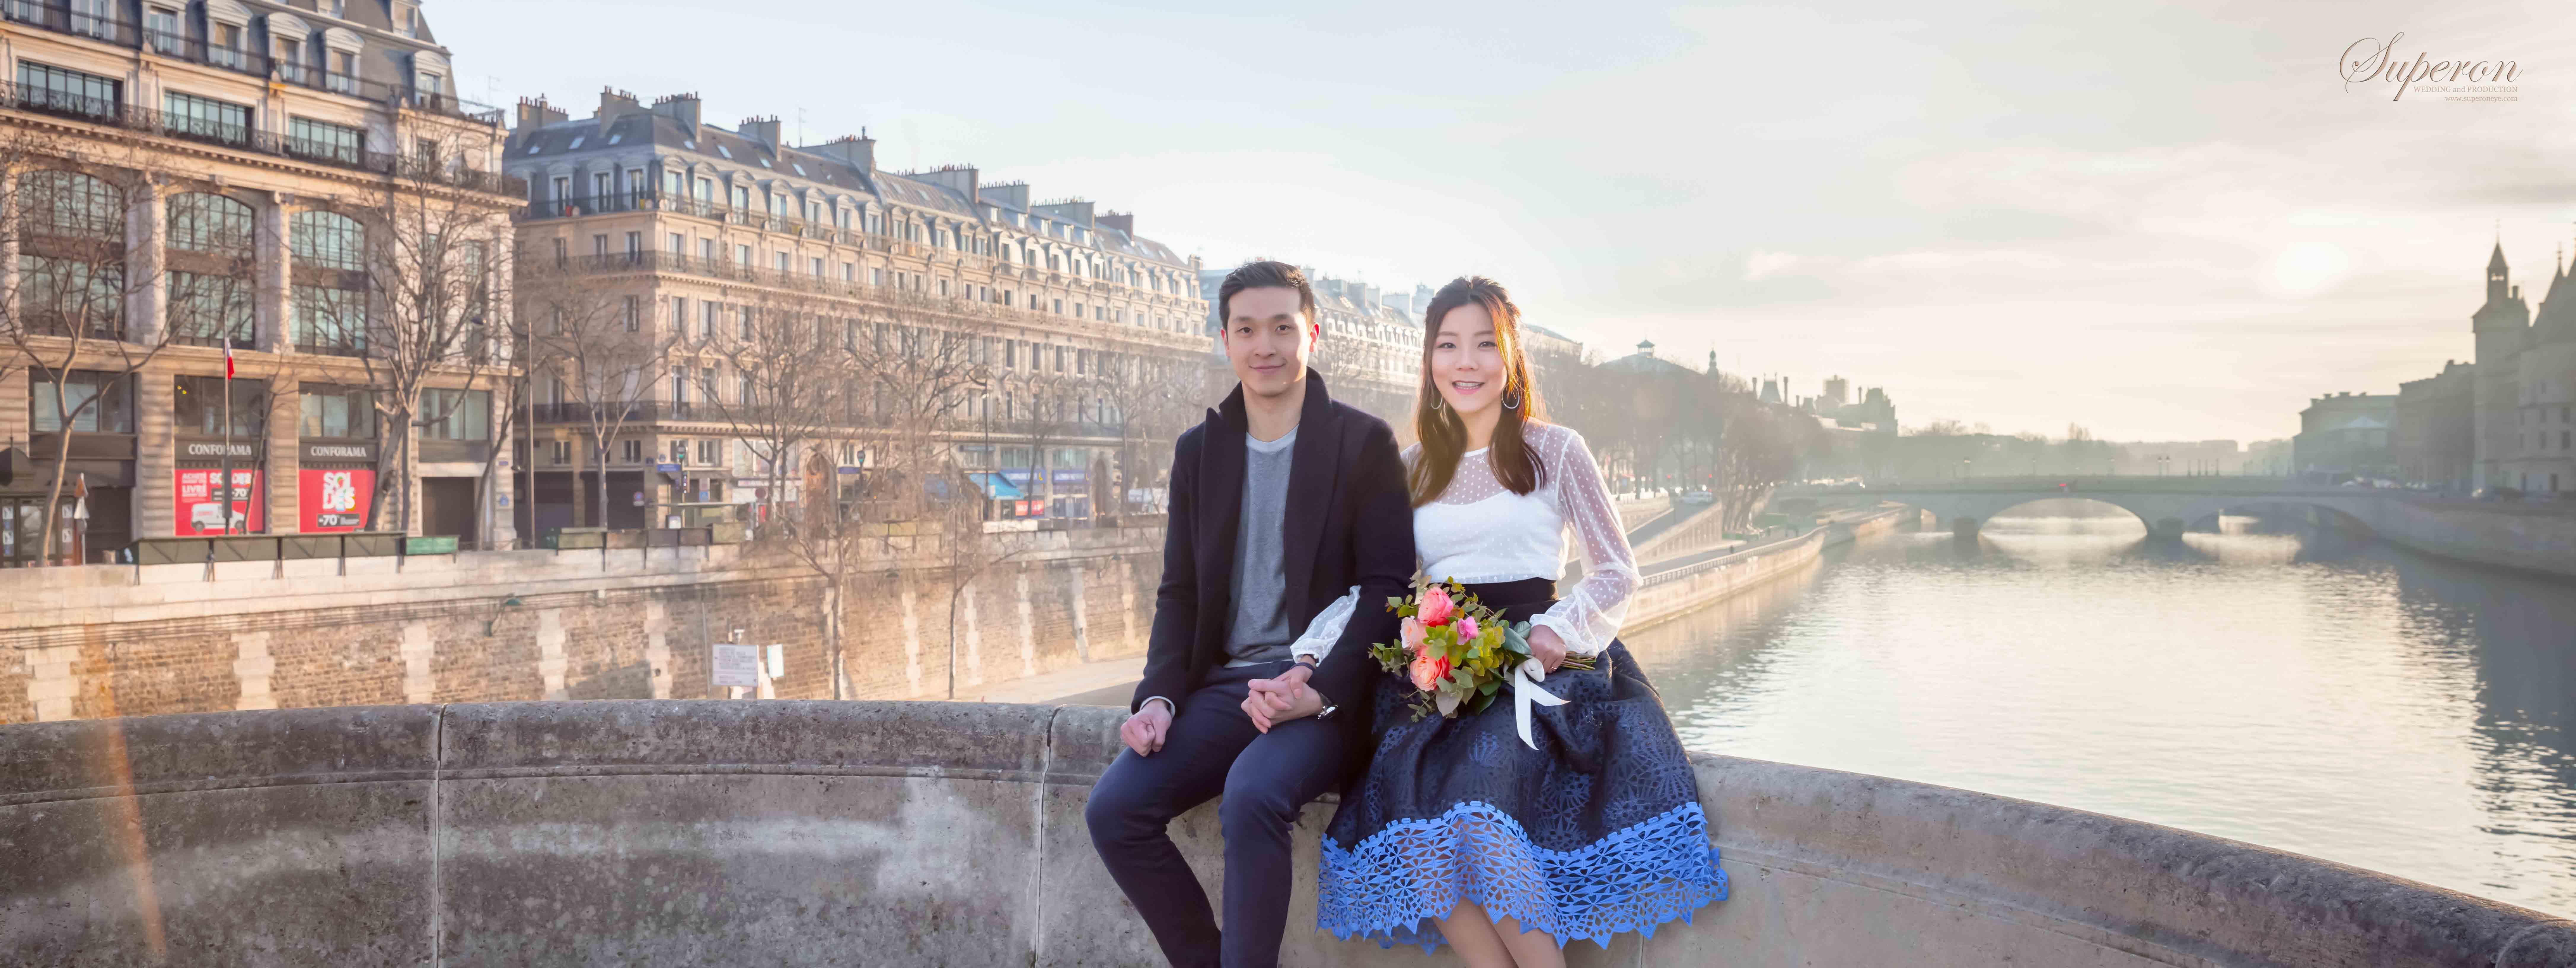 巴黎婚紗攝影   法國巴黎婚紗攝影   巴黎自助旅拍